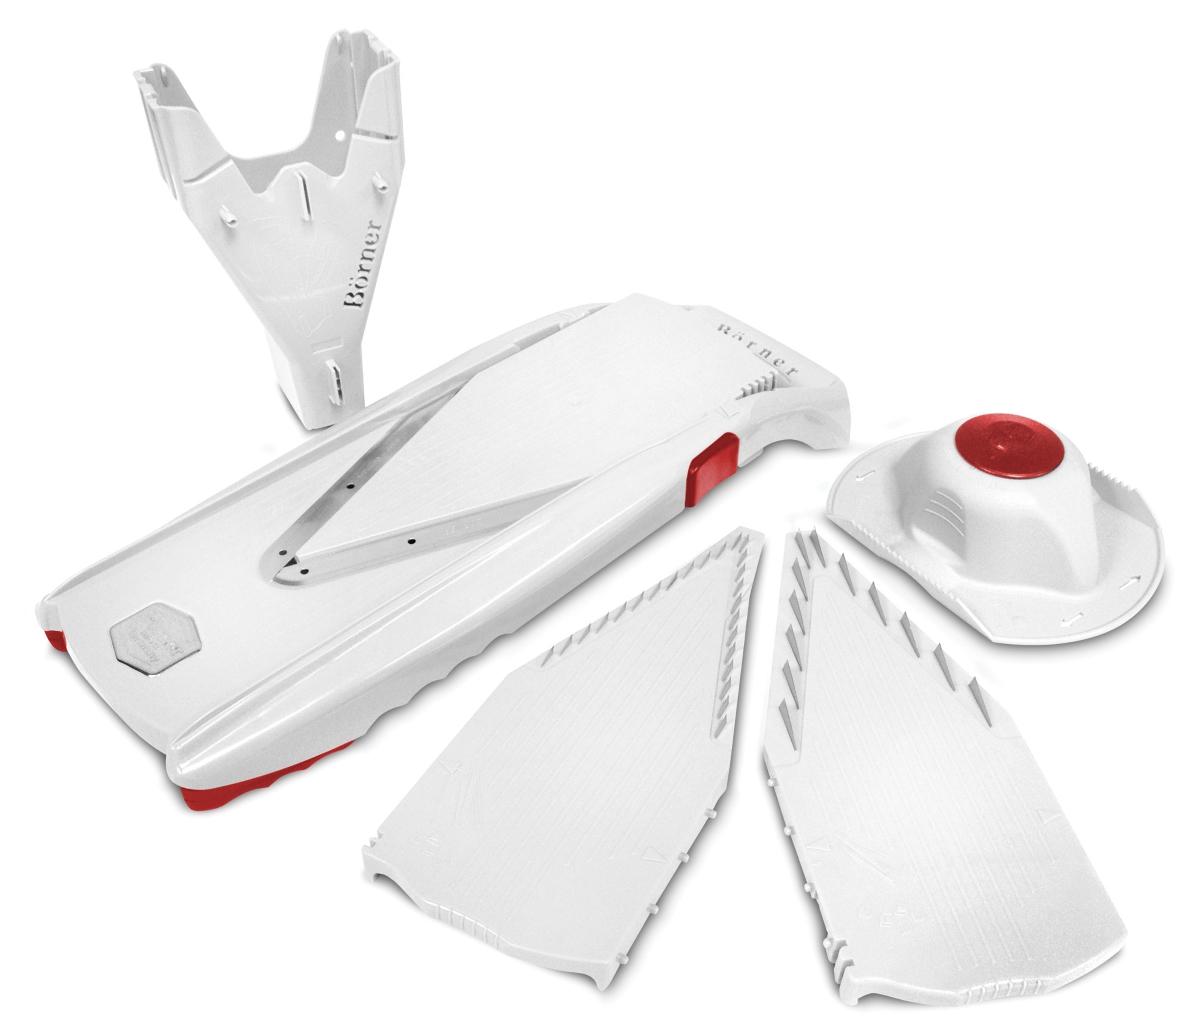 Borner White V-Power Mandoline Slicer